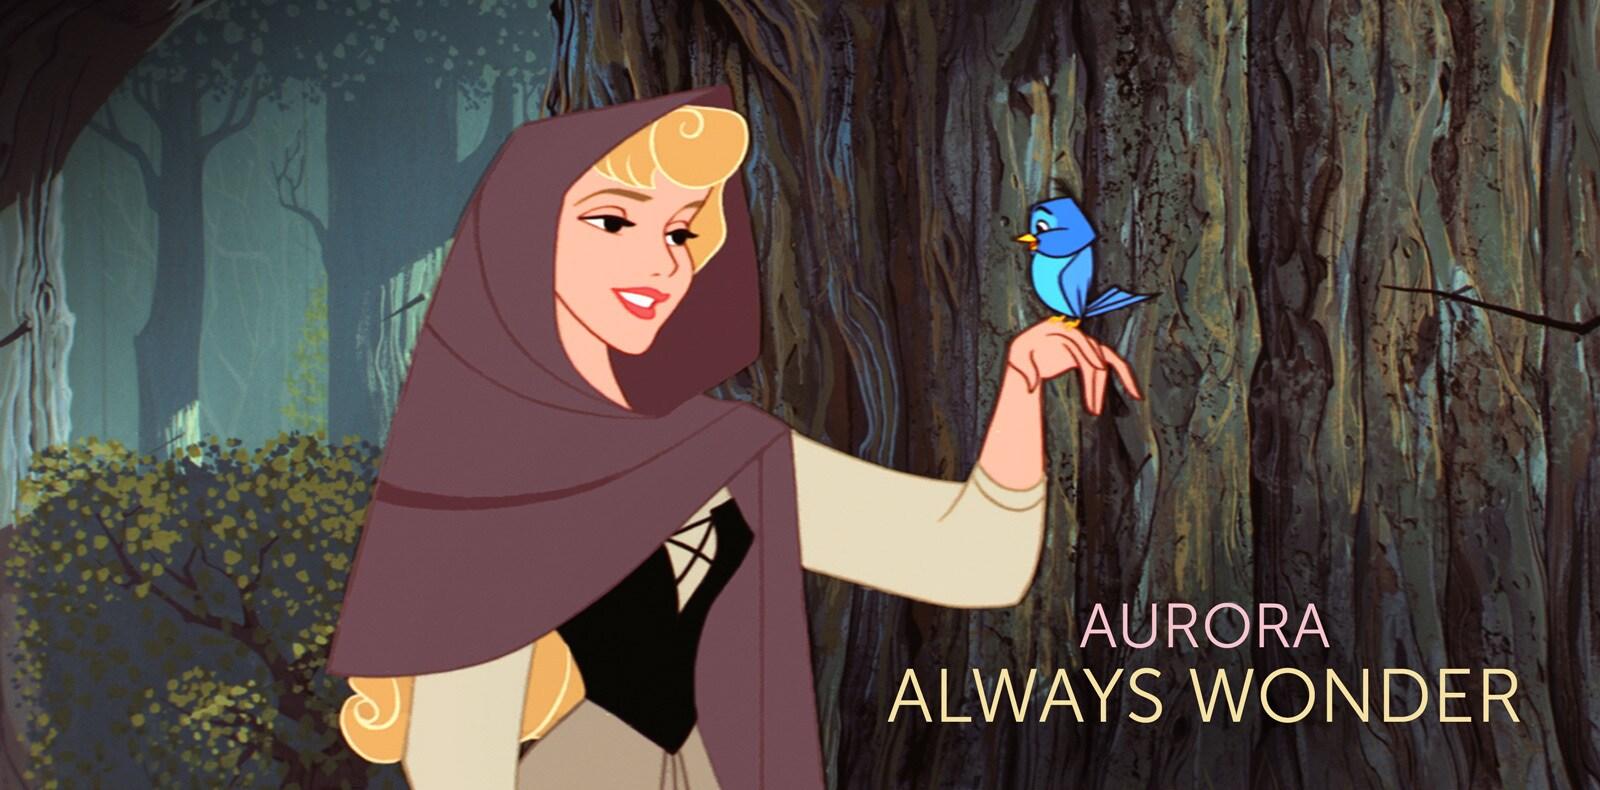 Aurora AU - character page flex